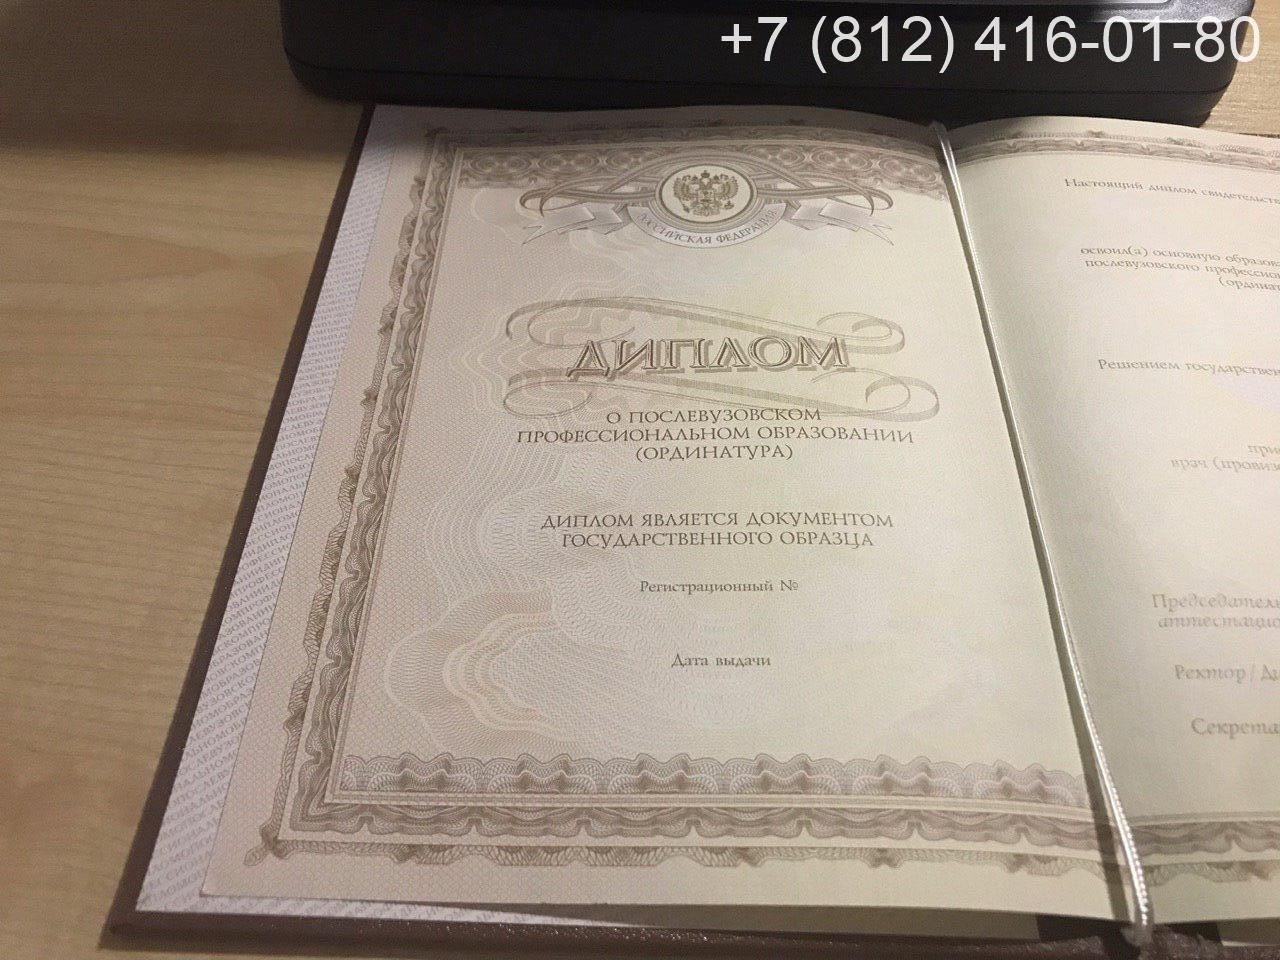 Диплом о послевузовском профессиональном образовании, ординатура нового образца